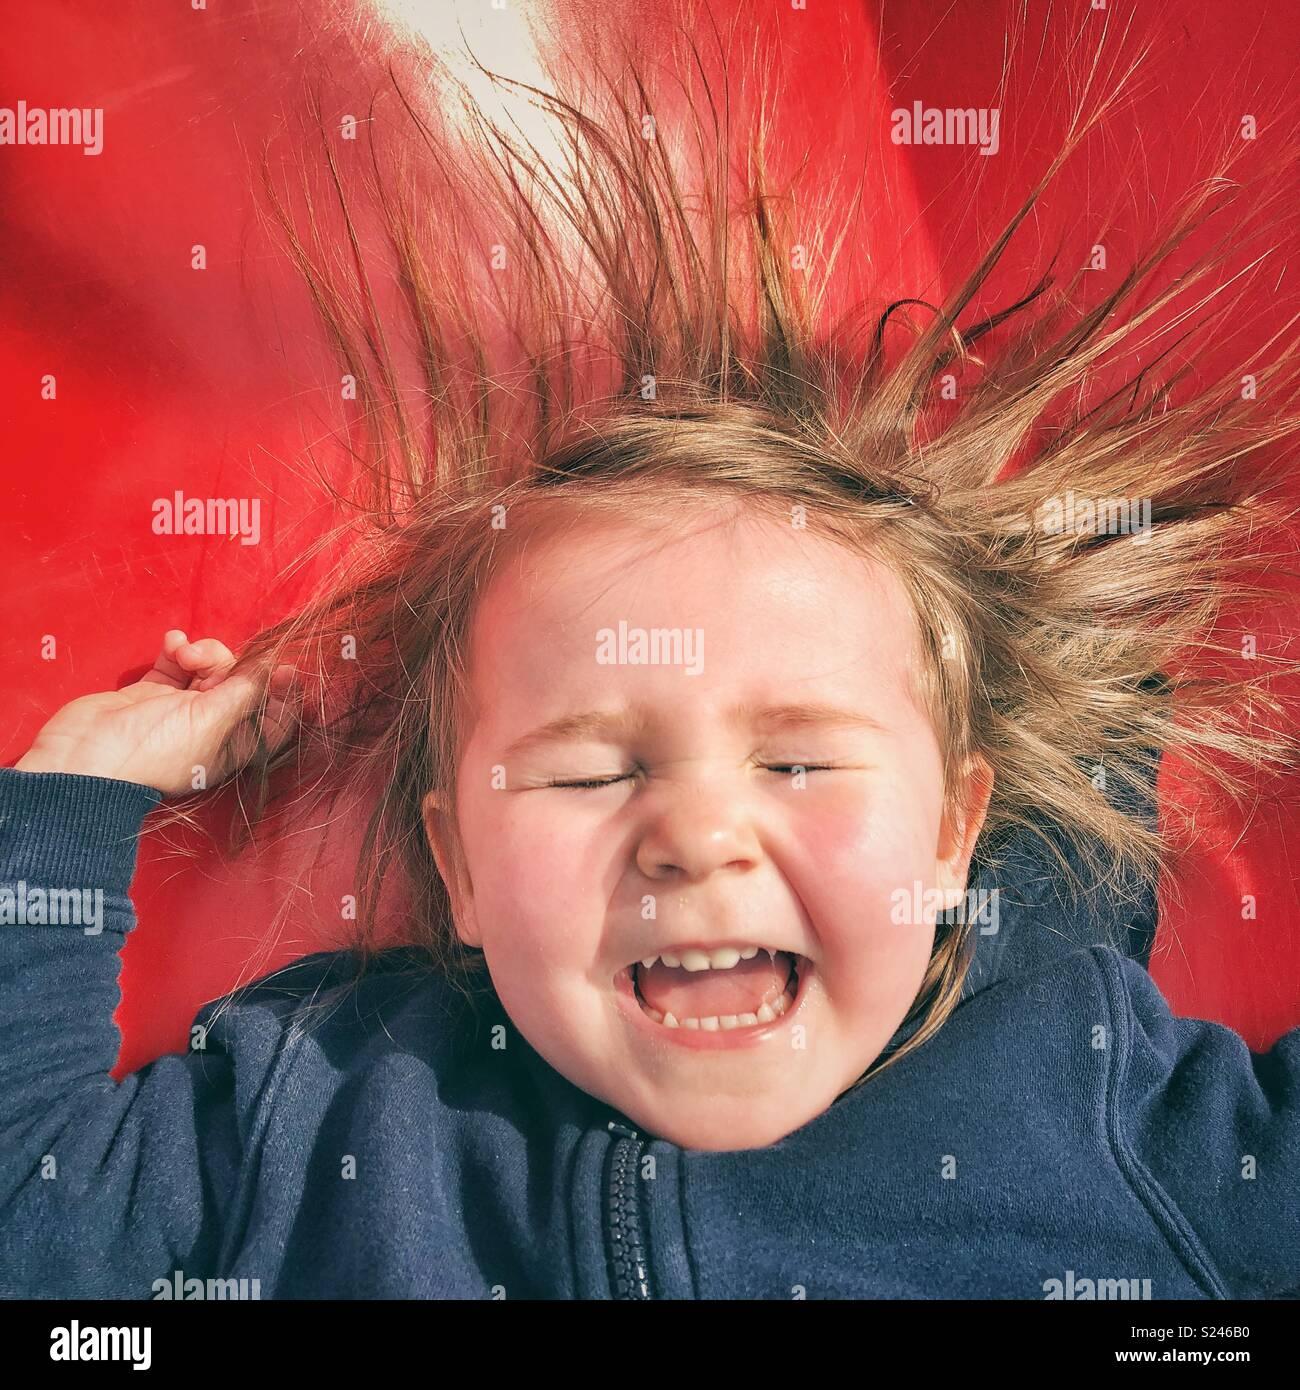 Ritratto di felice toddler girl faccia come lei scivola giù un rosso scorrere con gli occhi chiusi, la bocca aperta e i capelli bloccata da elettricità statica Foto Stock